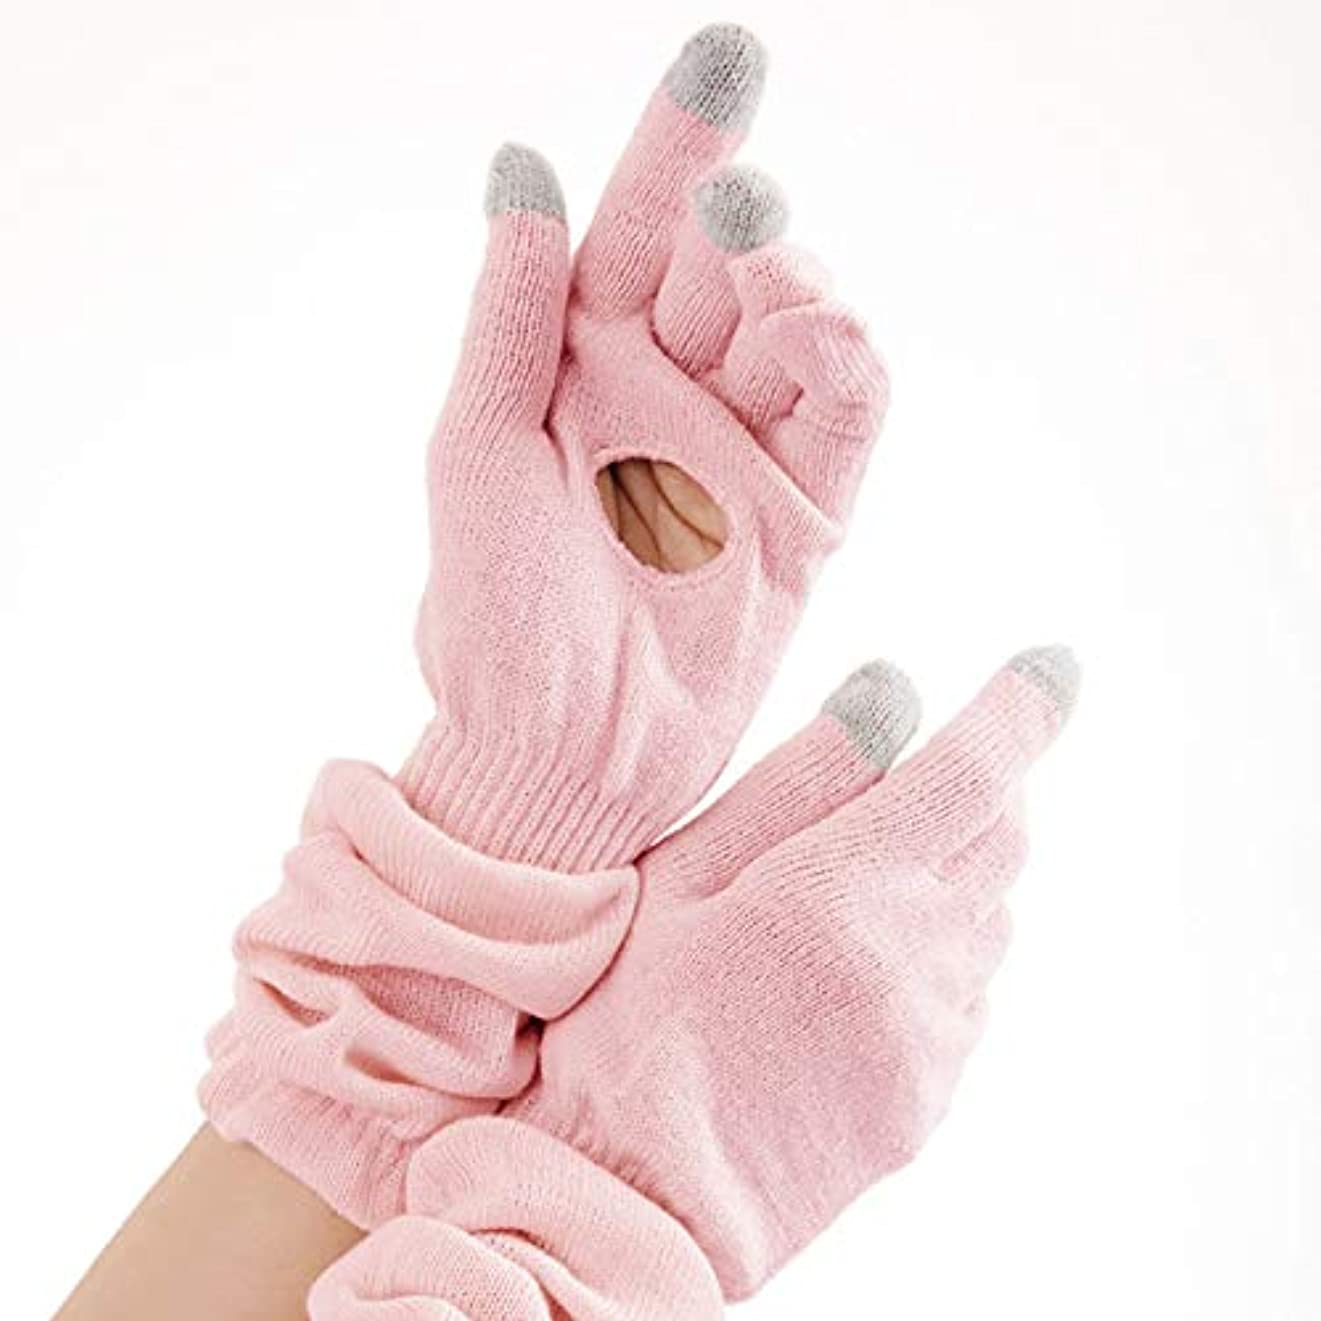 スペード瀬戸際傘アルファックス 手袋 シルク混 ふんわりオープンホール 手袋 ピンク 1双入 AP-431329   手のひらホール 蒸れない 快眠 手荒れ 乾燥対策 やさしい シルク 腕周りゆったりゴム しめつけない ラクラク 優しい...